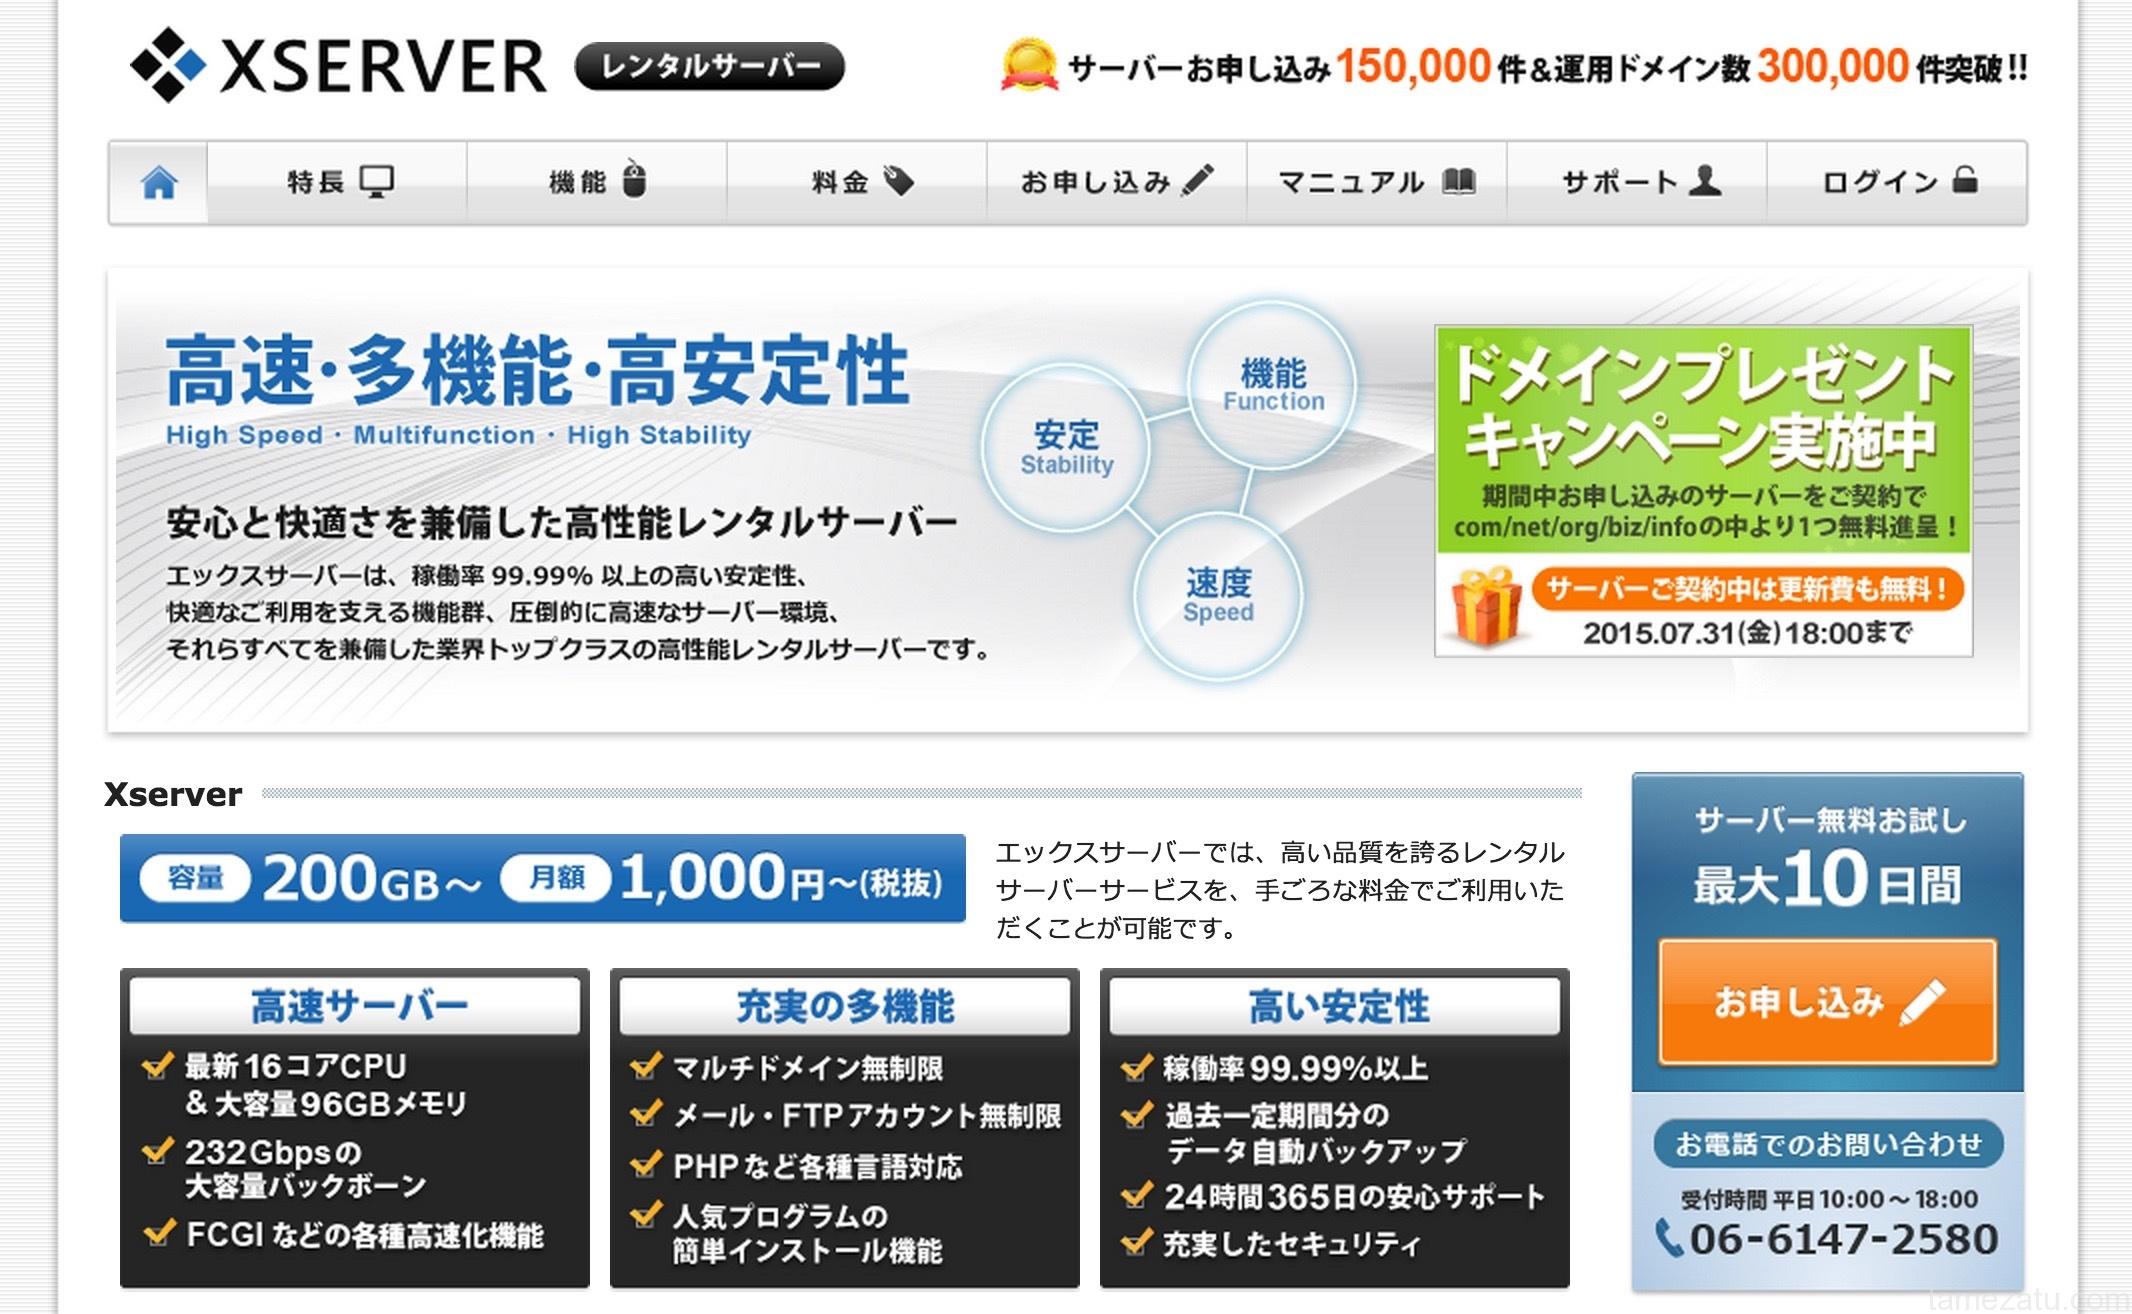 xserver-fastest-server